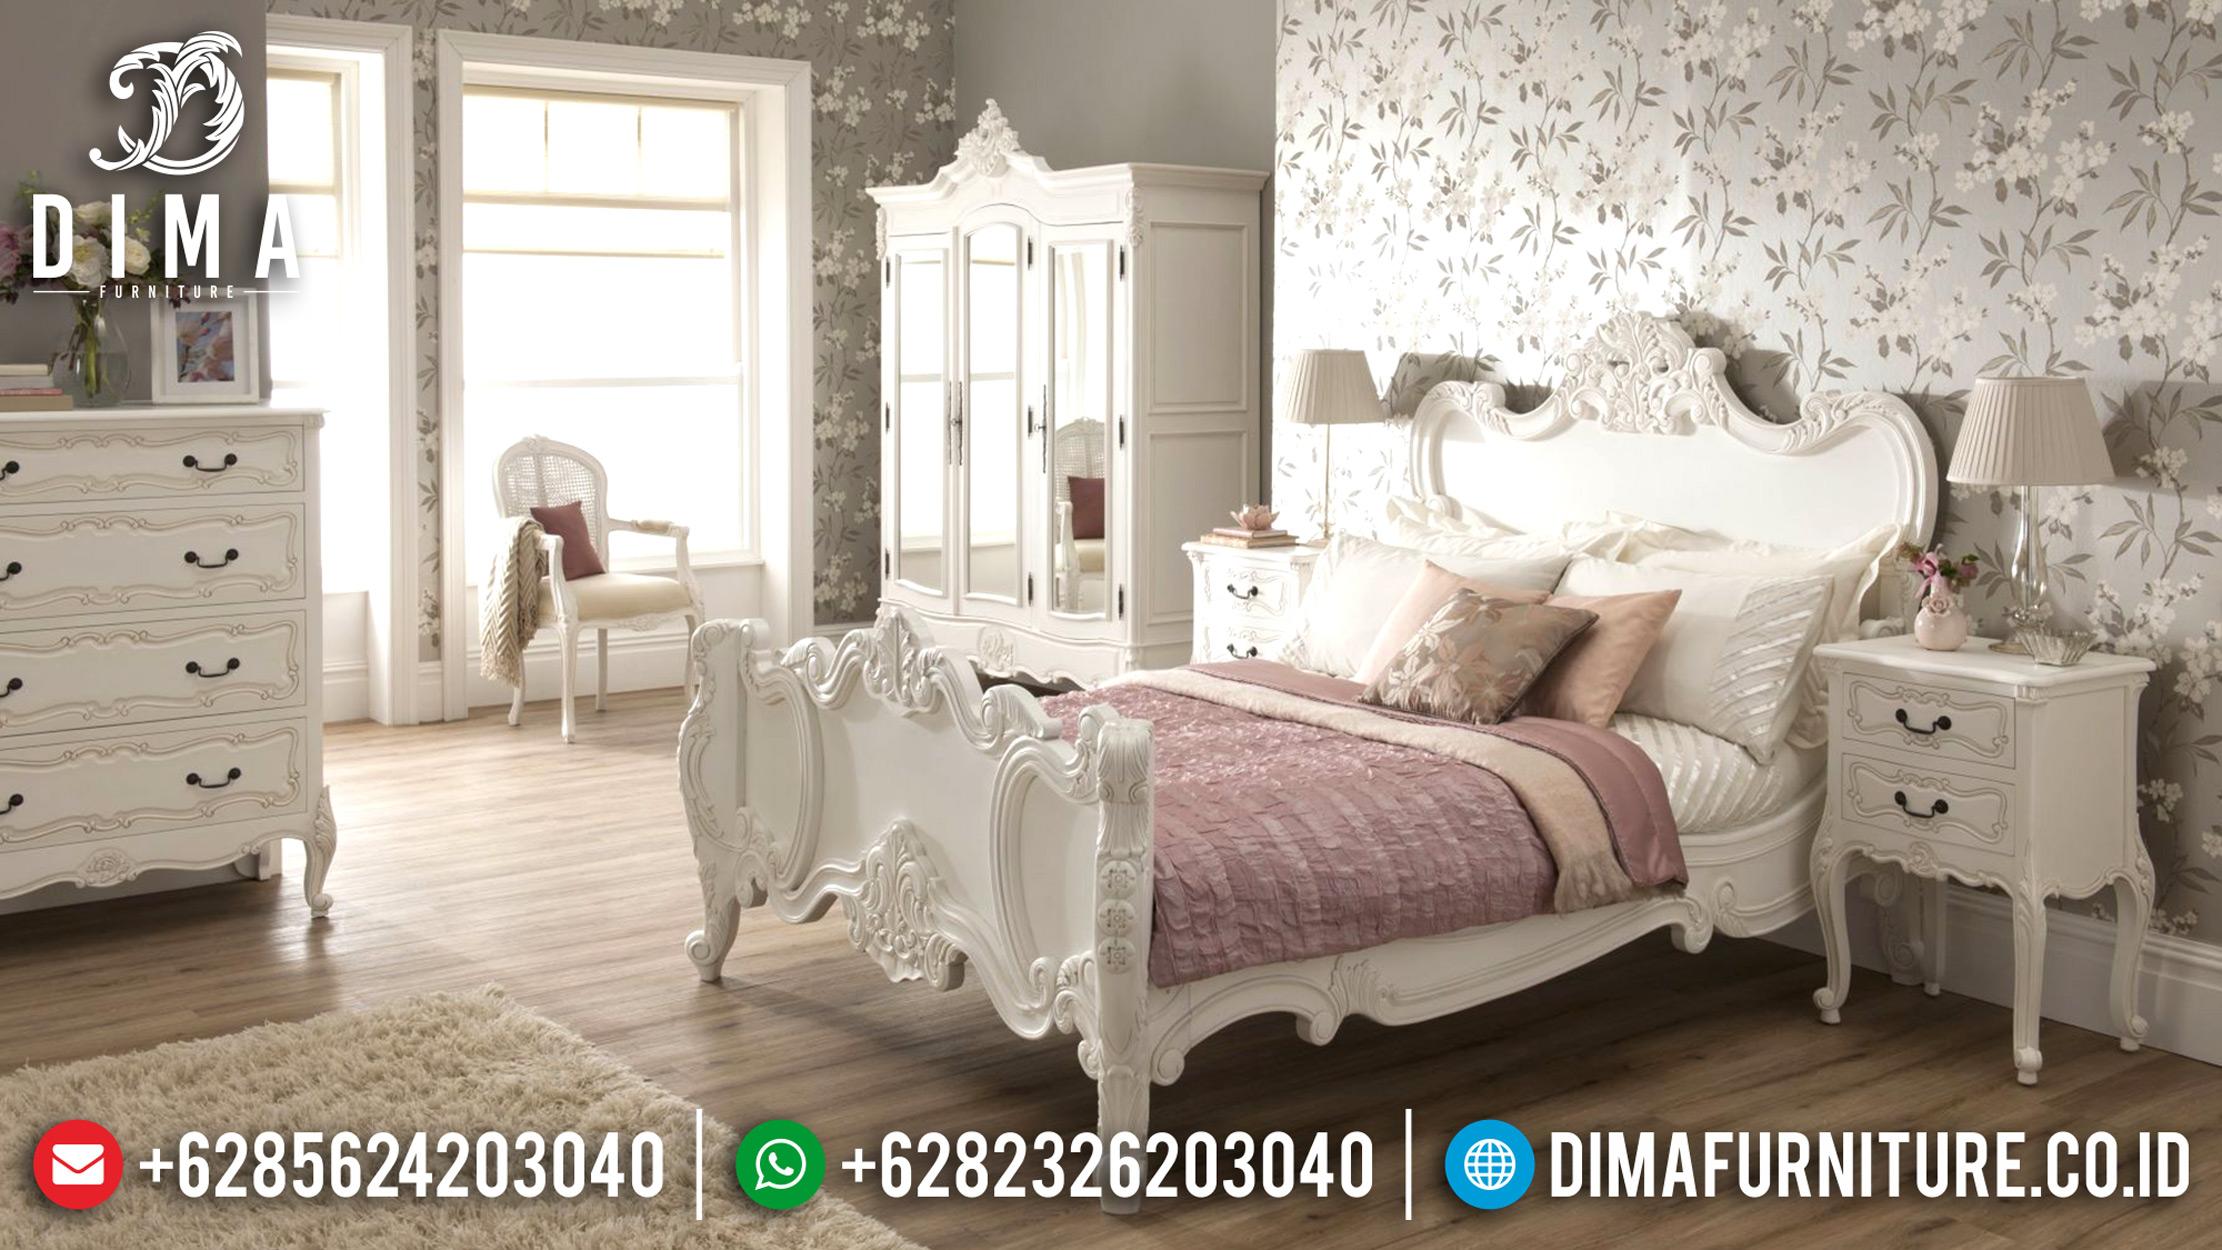 Tempat Tidur Mewah Jepara, Ranjang Murah Terbaru, Kamar Set Pengantin ST-0637